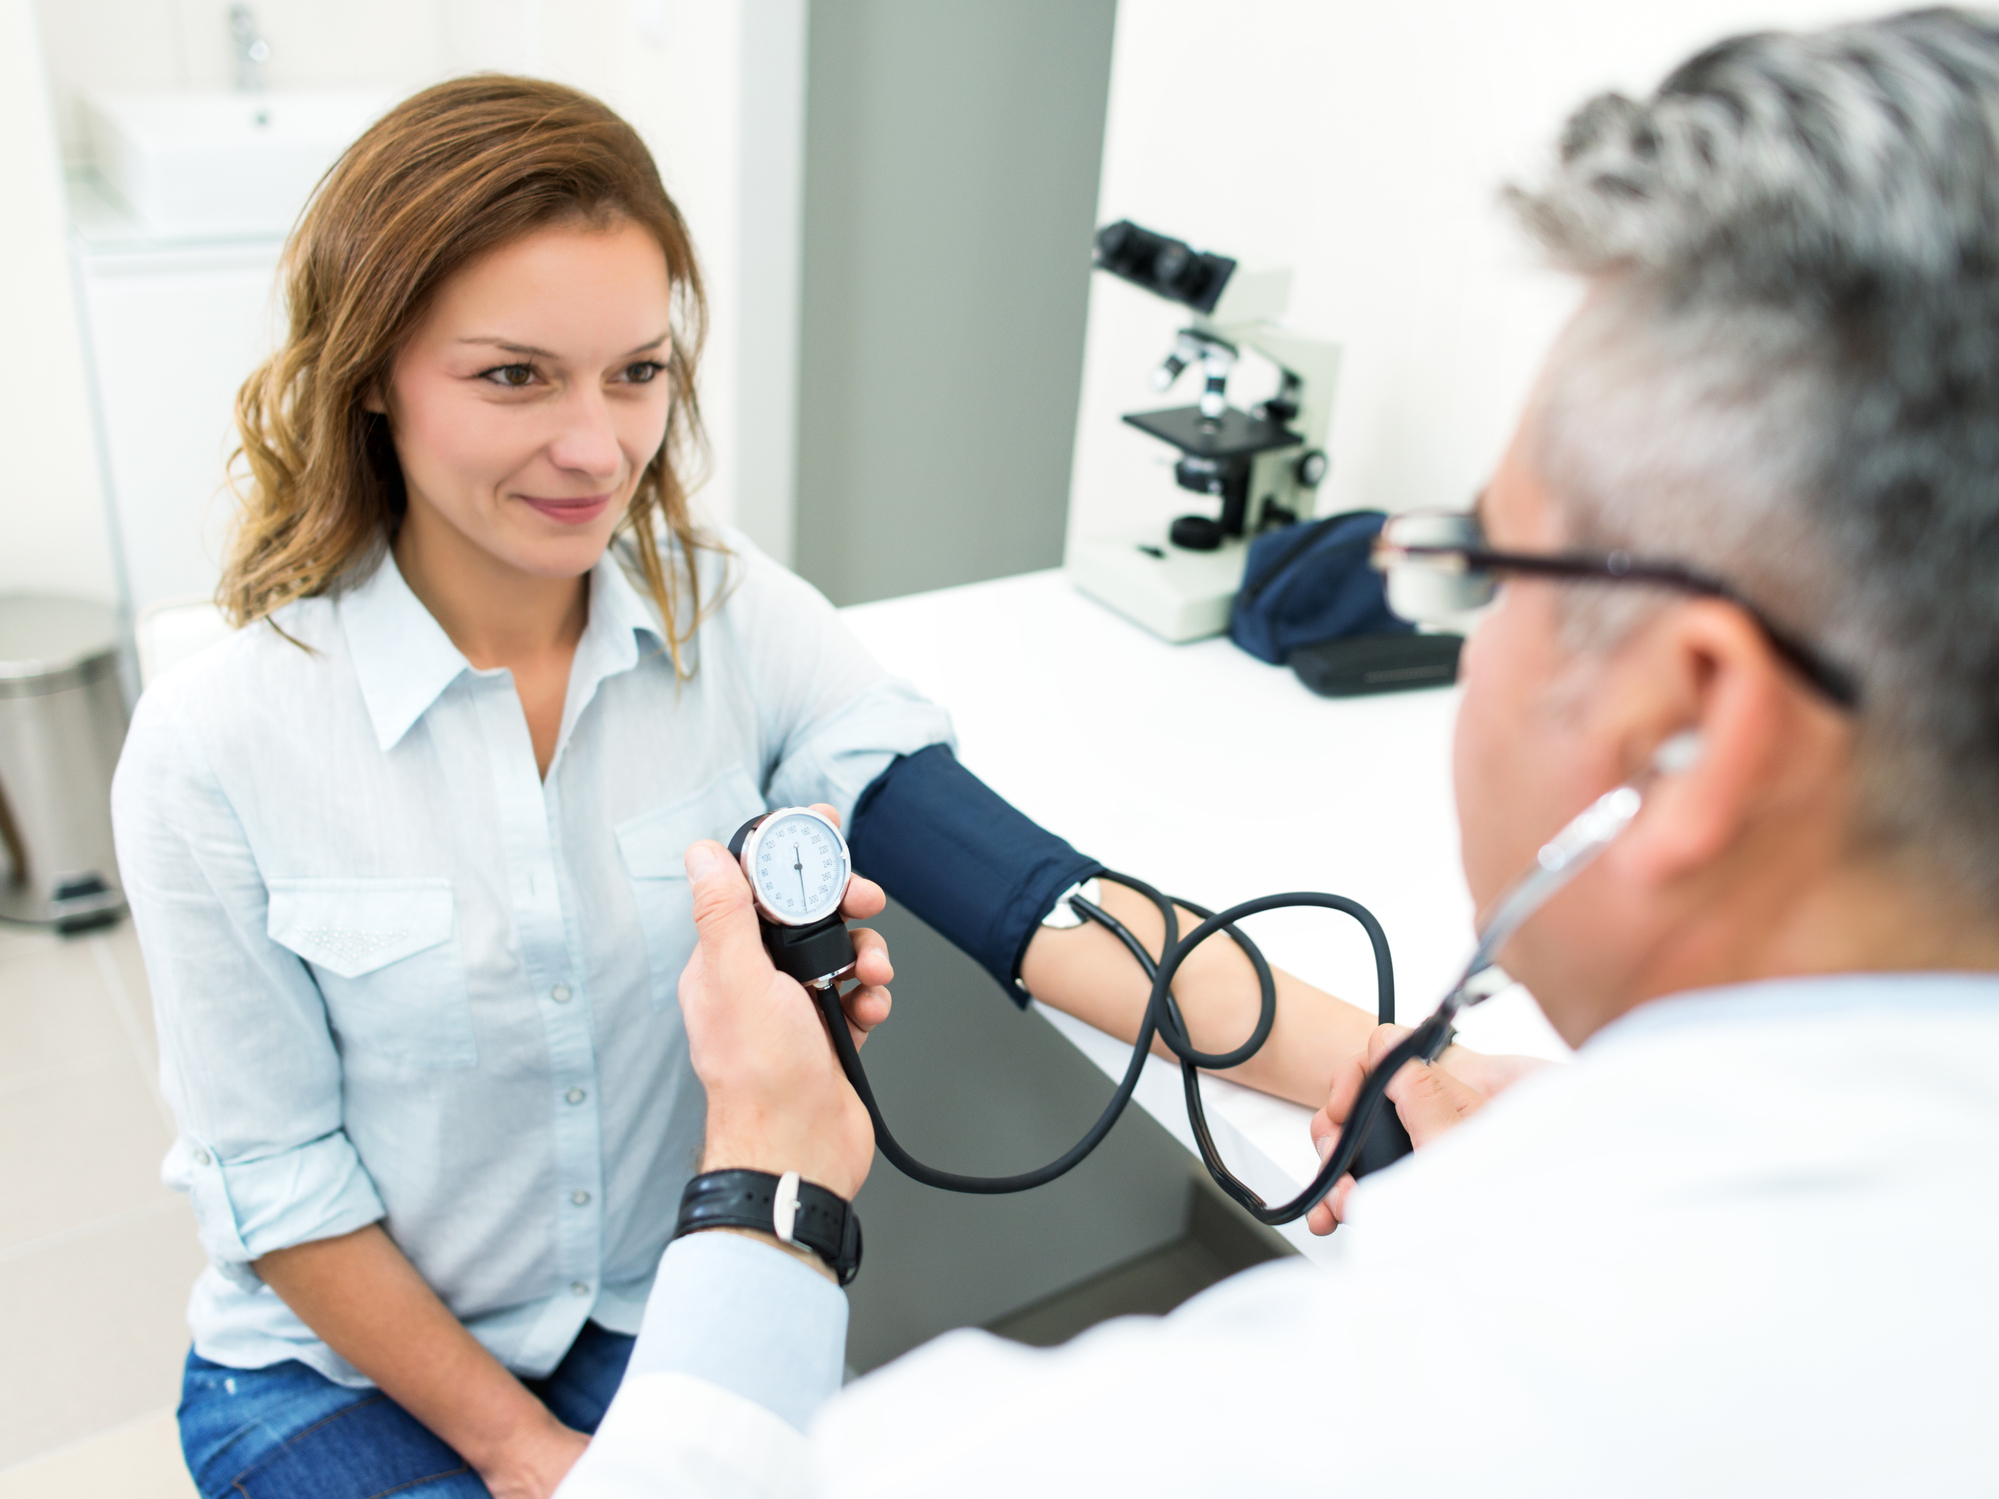 alkalmazható-e troxevasin magas vérnyomás esetén